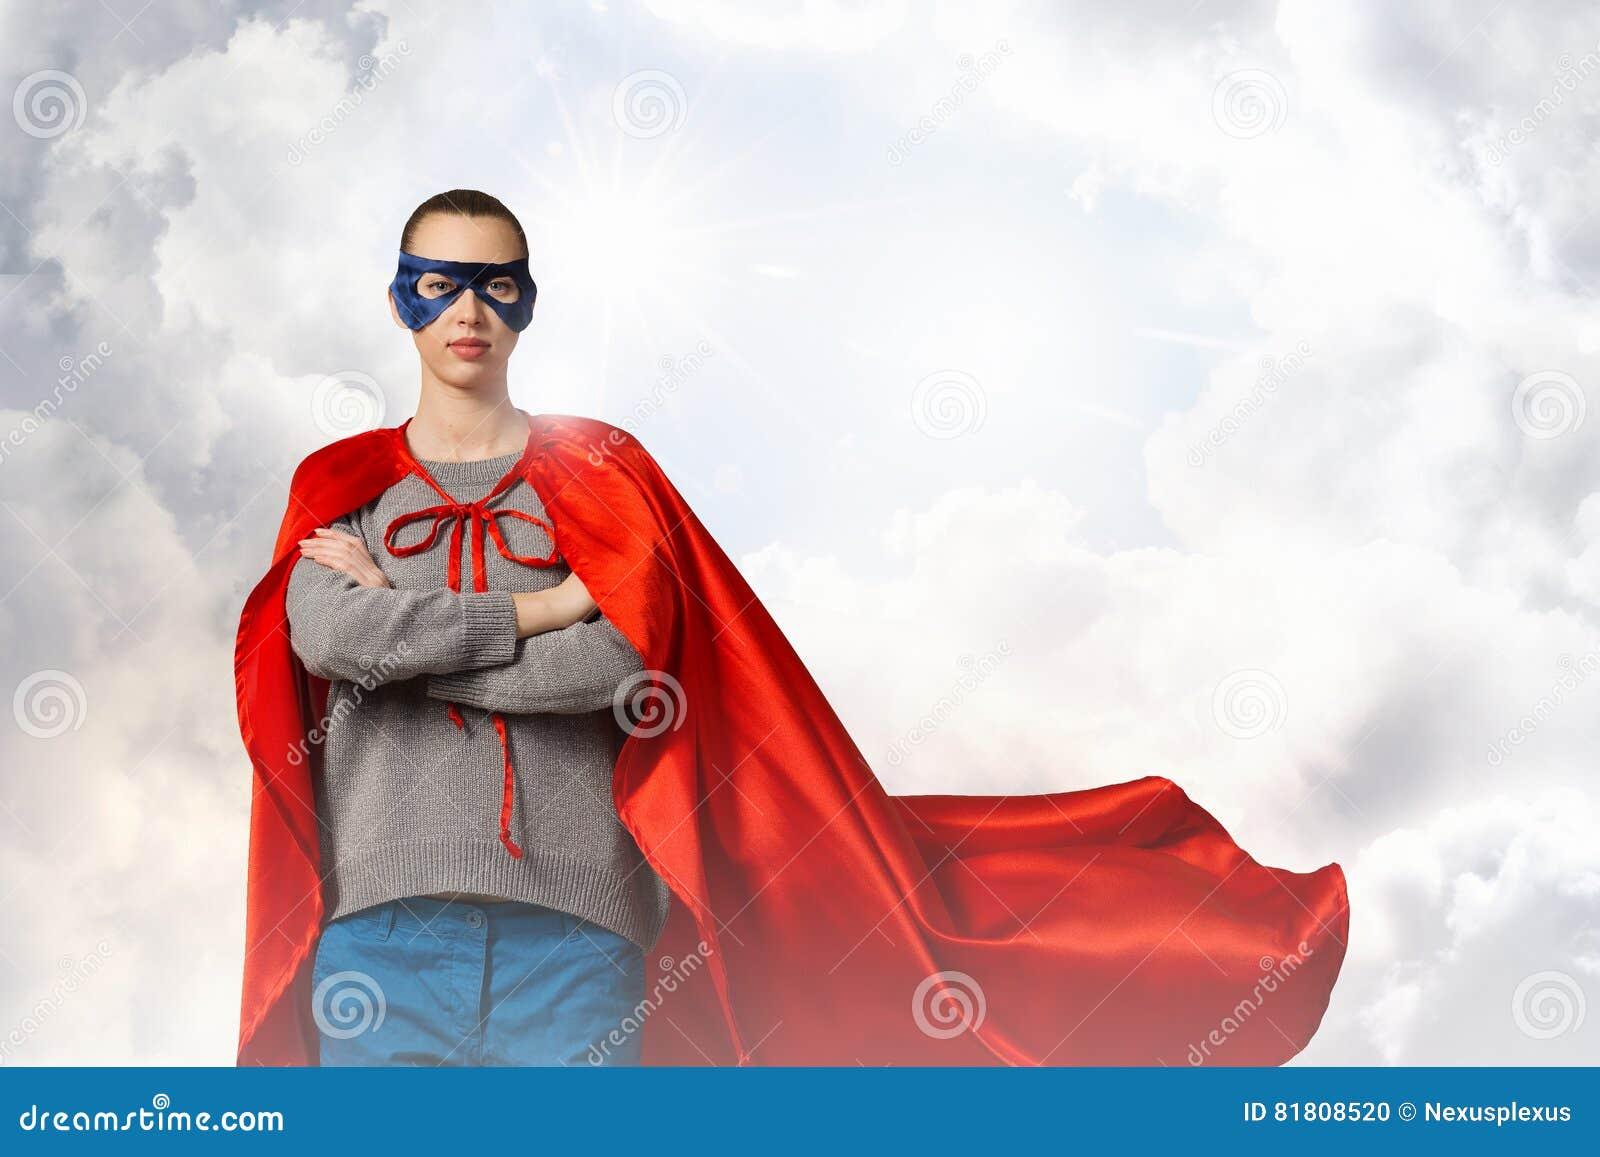 Она супергерой Мультимедиа